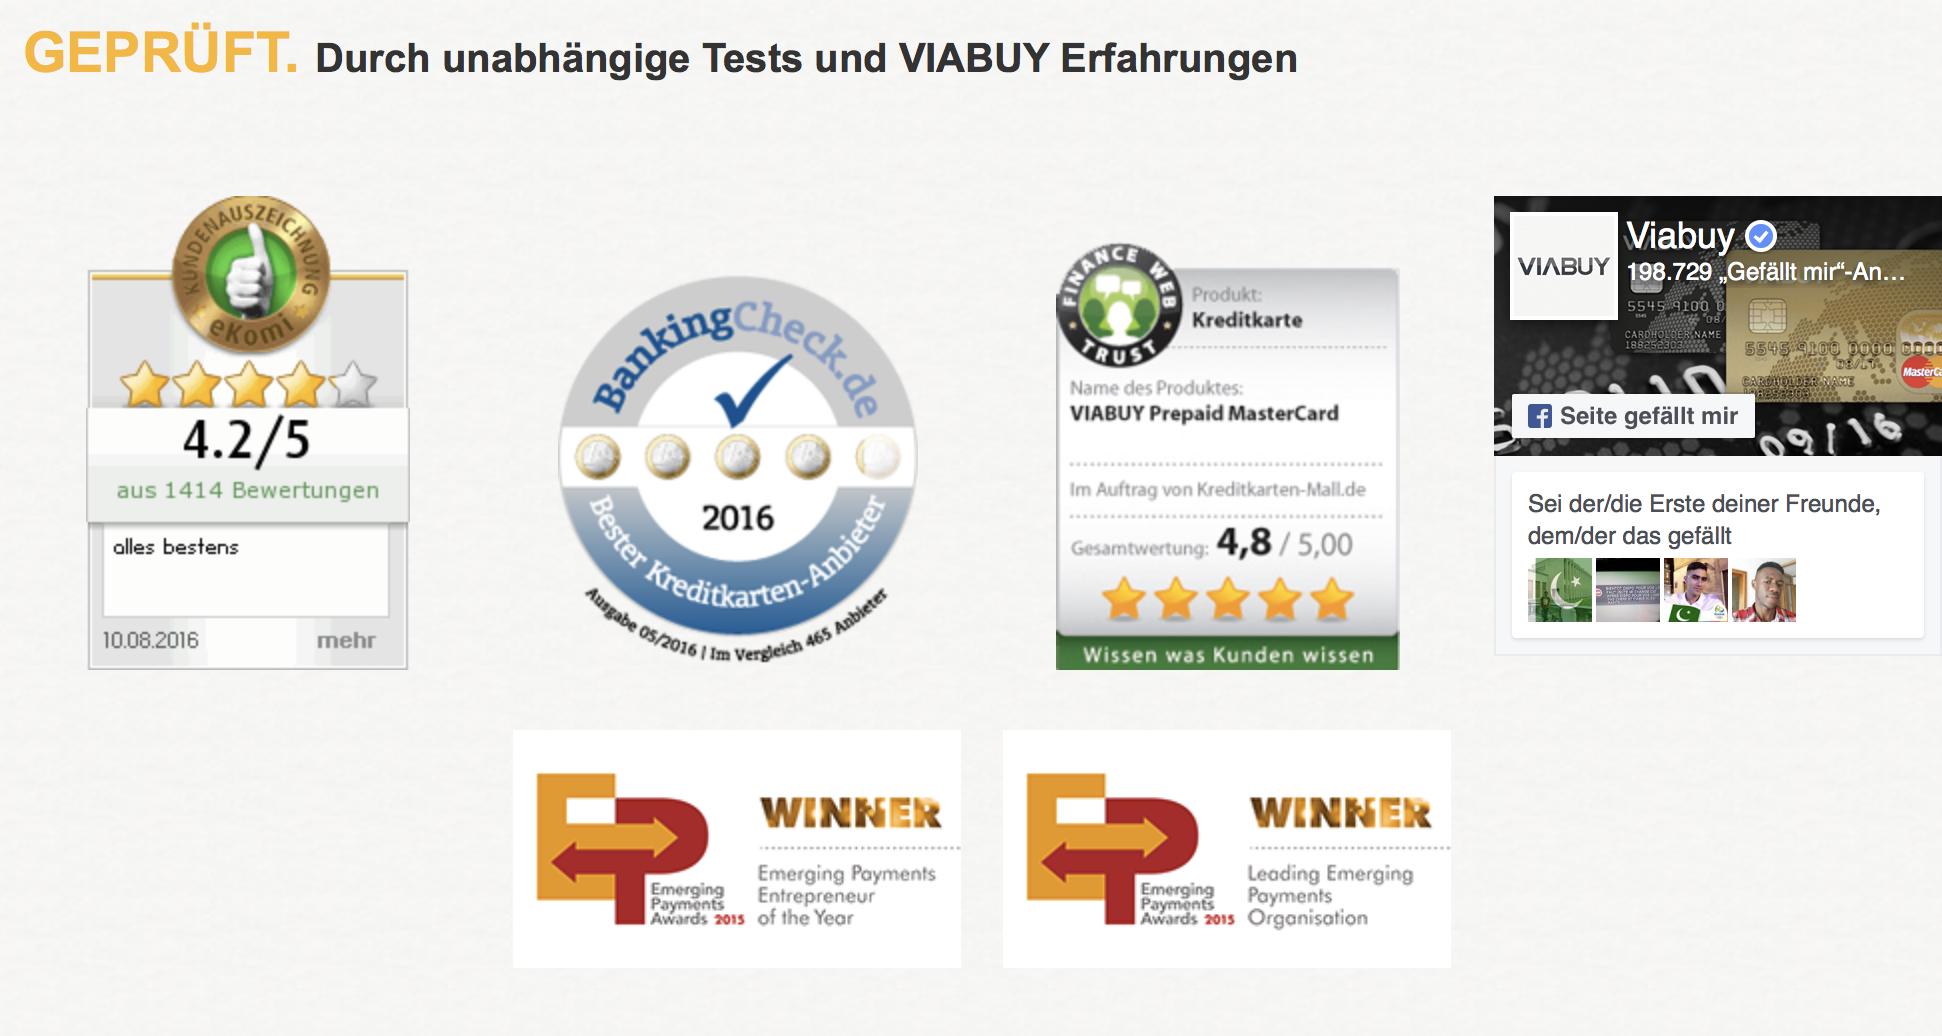 Unabhängige Tests und Erfahrungen sprechen für VIABUY.